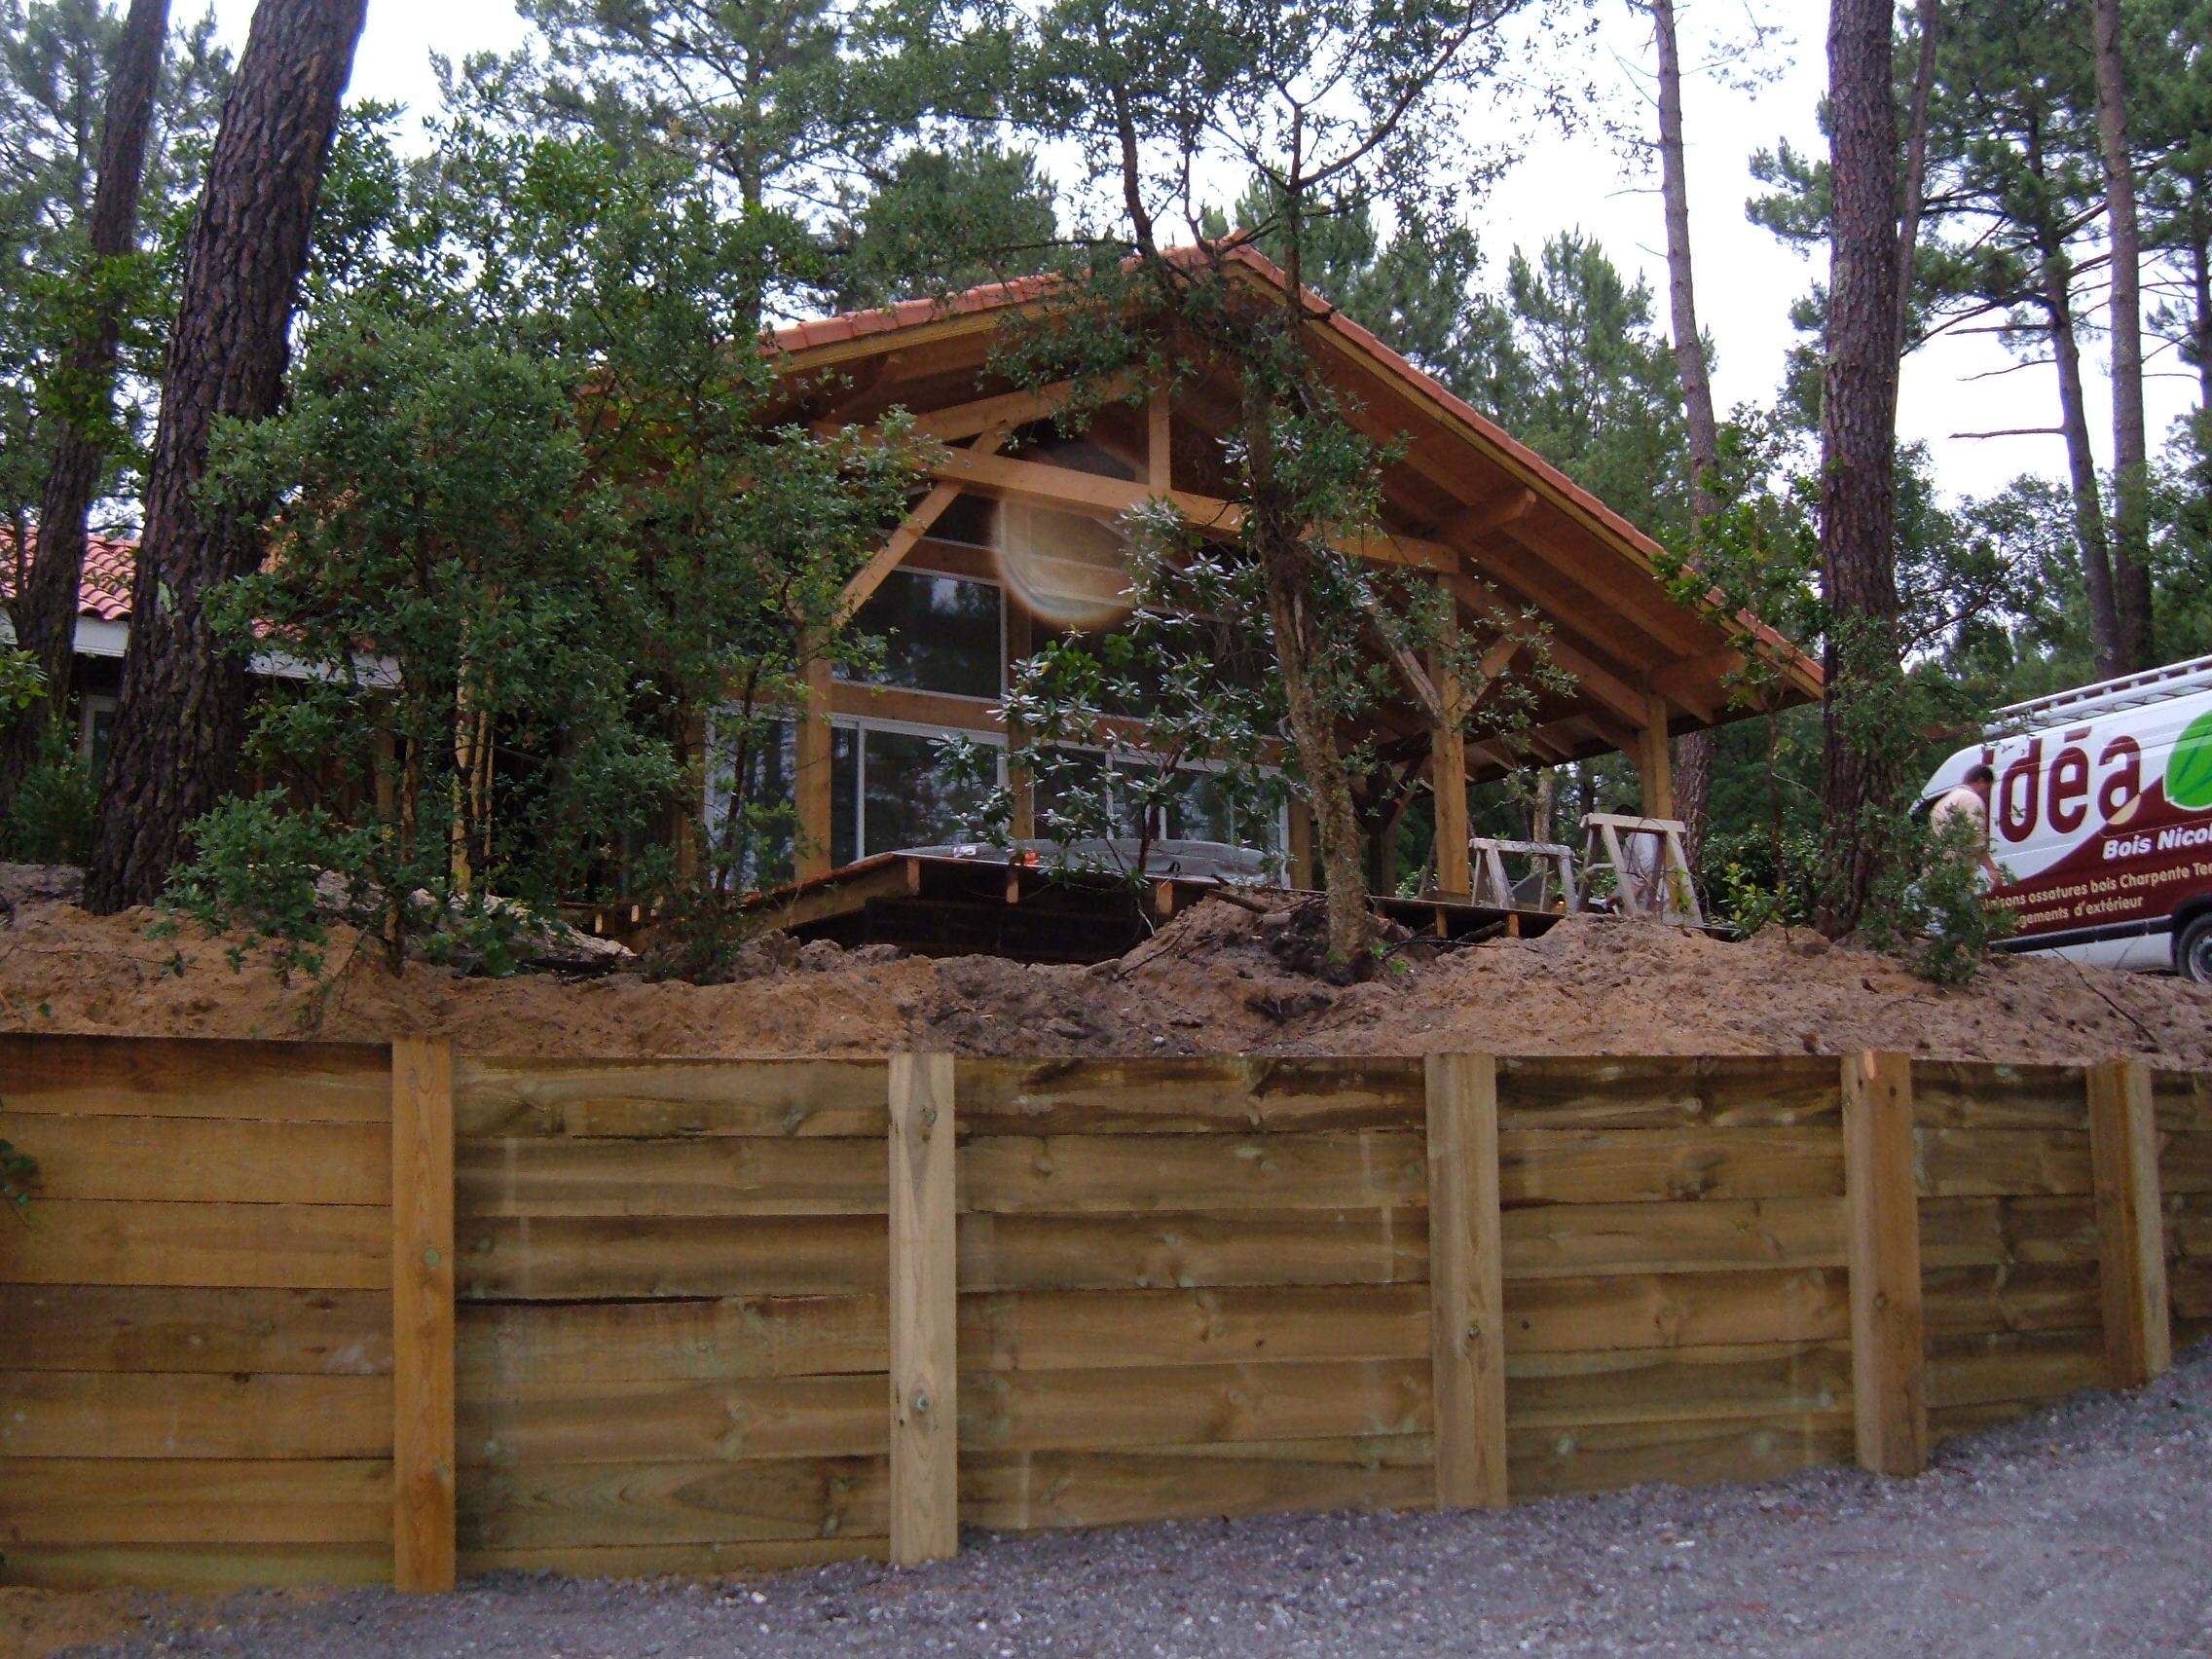 poteau bois autoclave 15x15 long 1 50 m idea bois nicolas. Black Bedroom Furniture Sets. Home Design Ideas